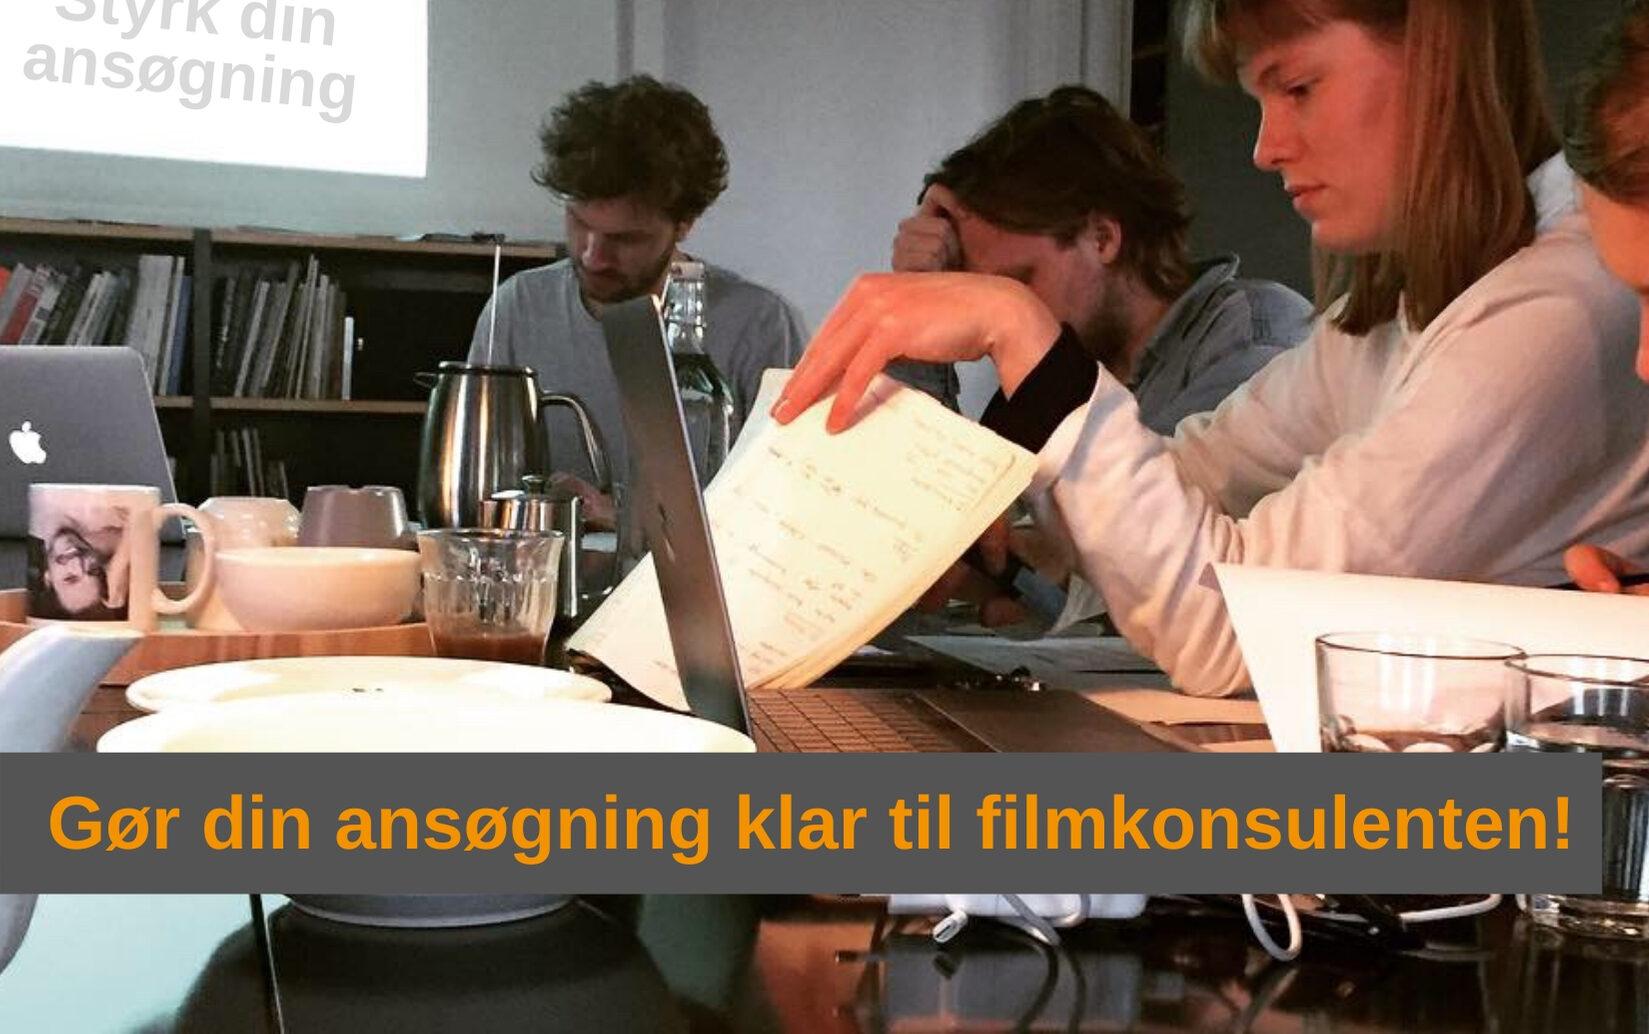 STYRK DIN ANSØGNING – TILMELDINGSFRIST 6. JANUAR